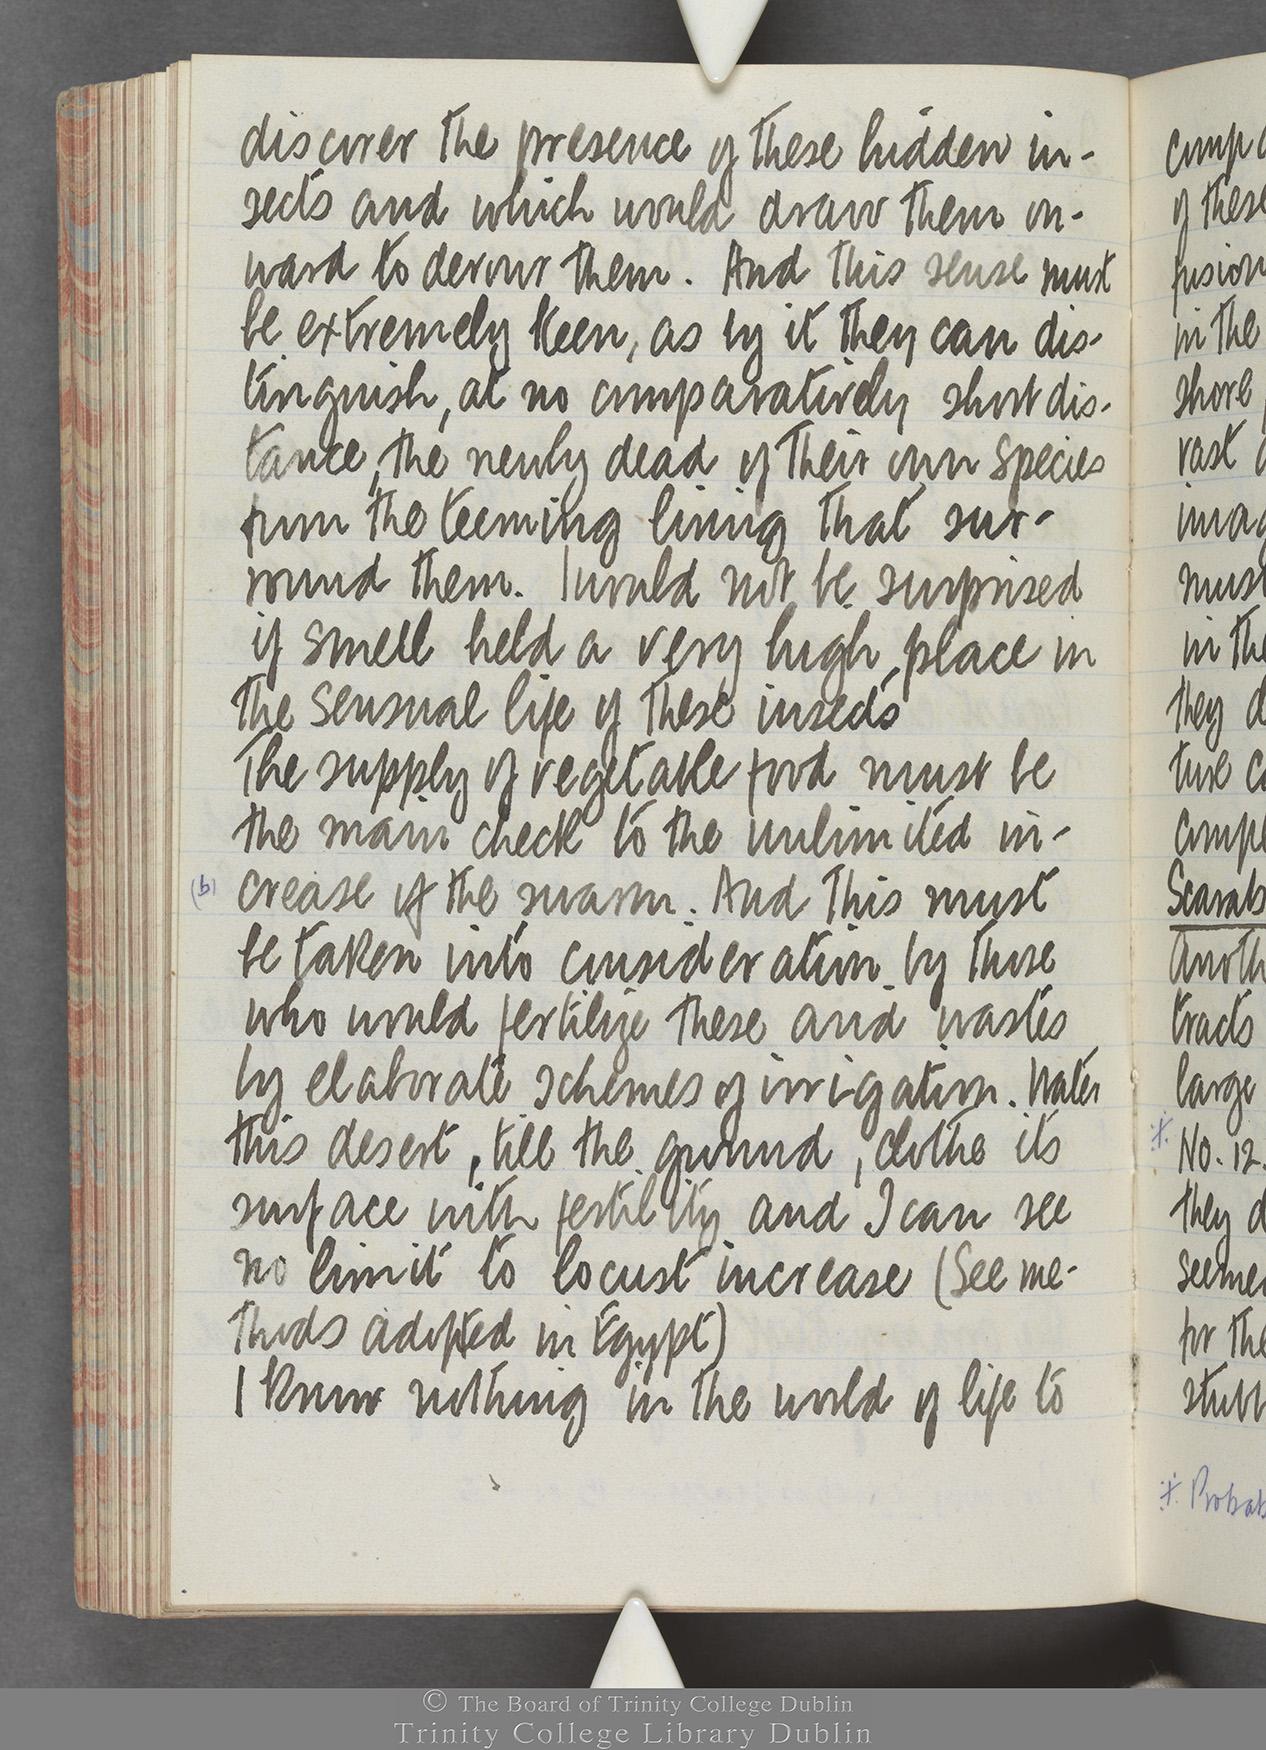 TCD MS 10515 folio 89 verso